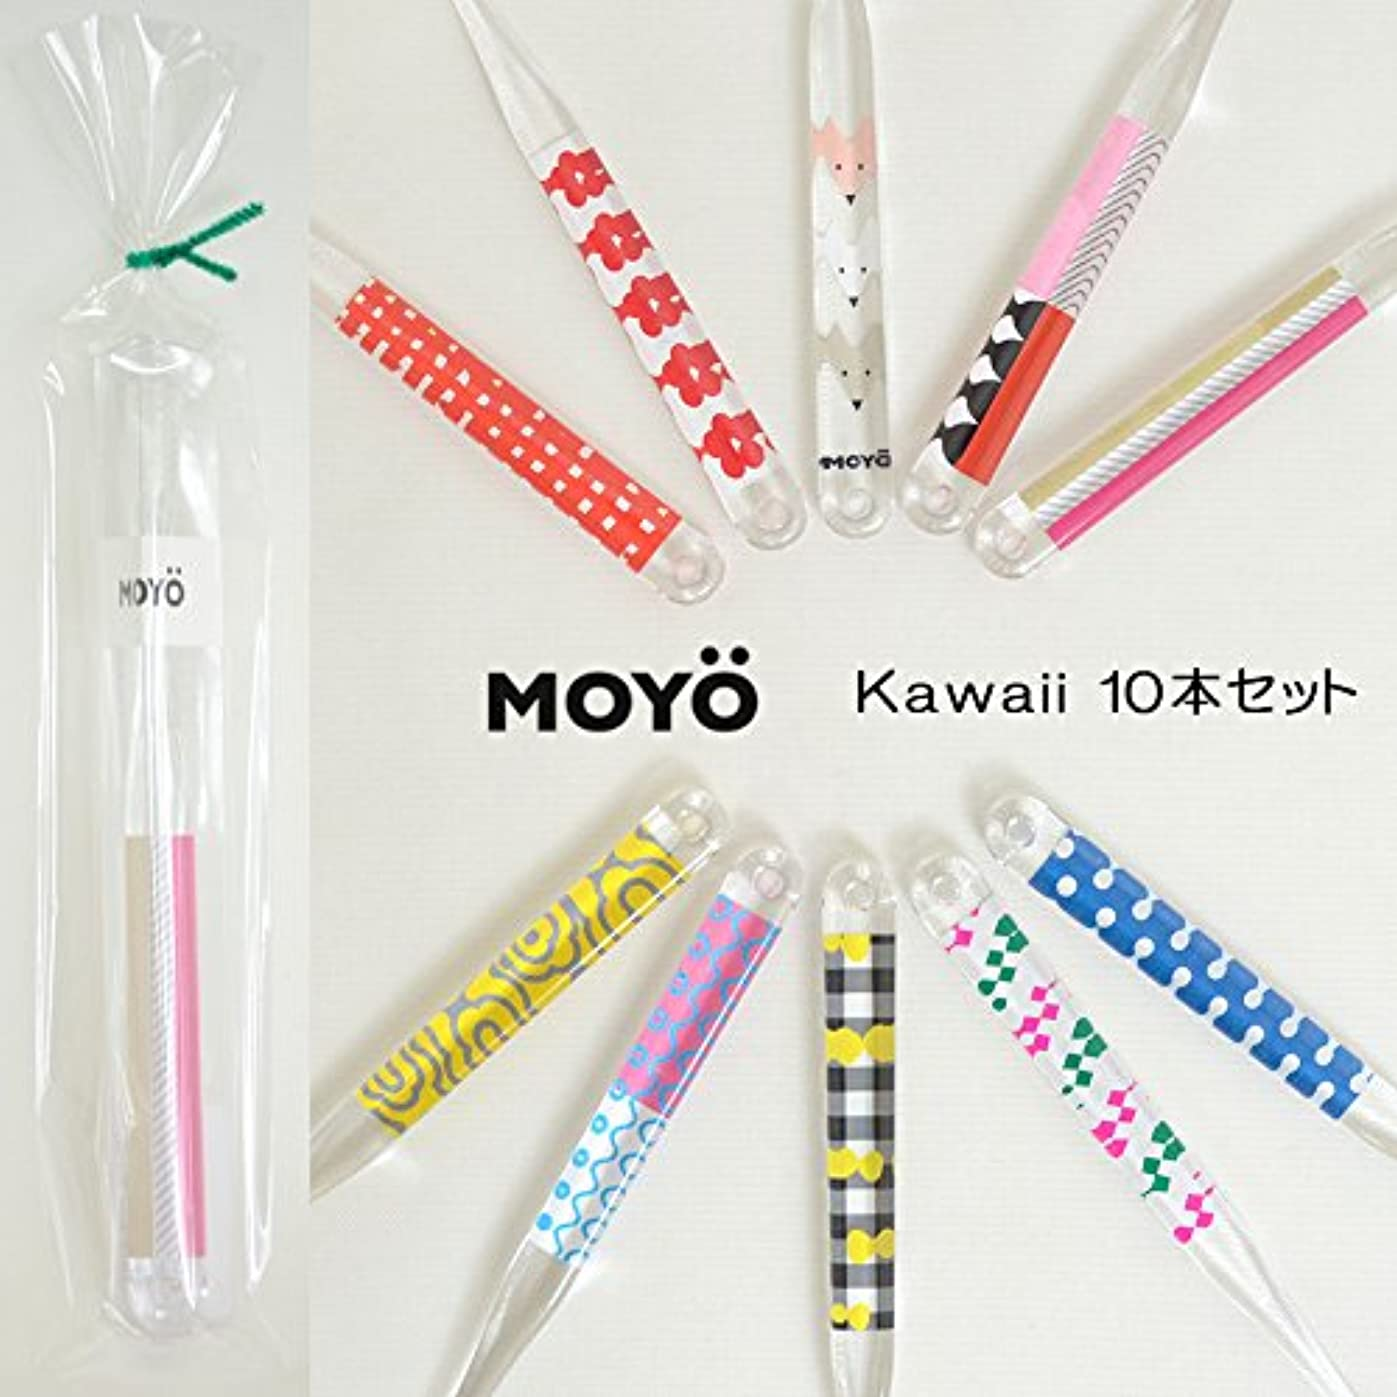 もっとサルベージモードリンMOYO モヨウ kawaii10本 プチ ギフト セット_562302-kawaii2 【F】,kawaii10本セット